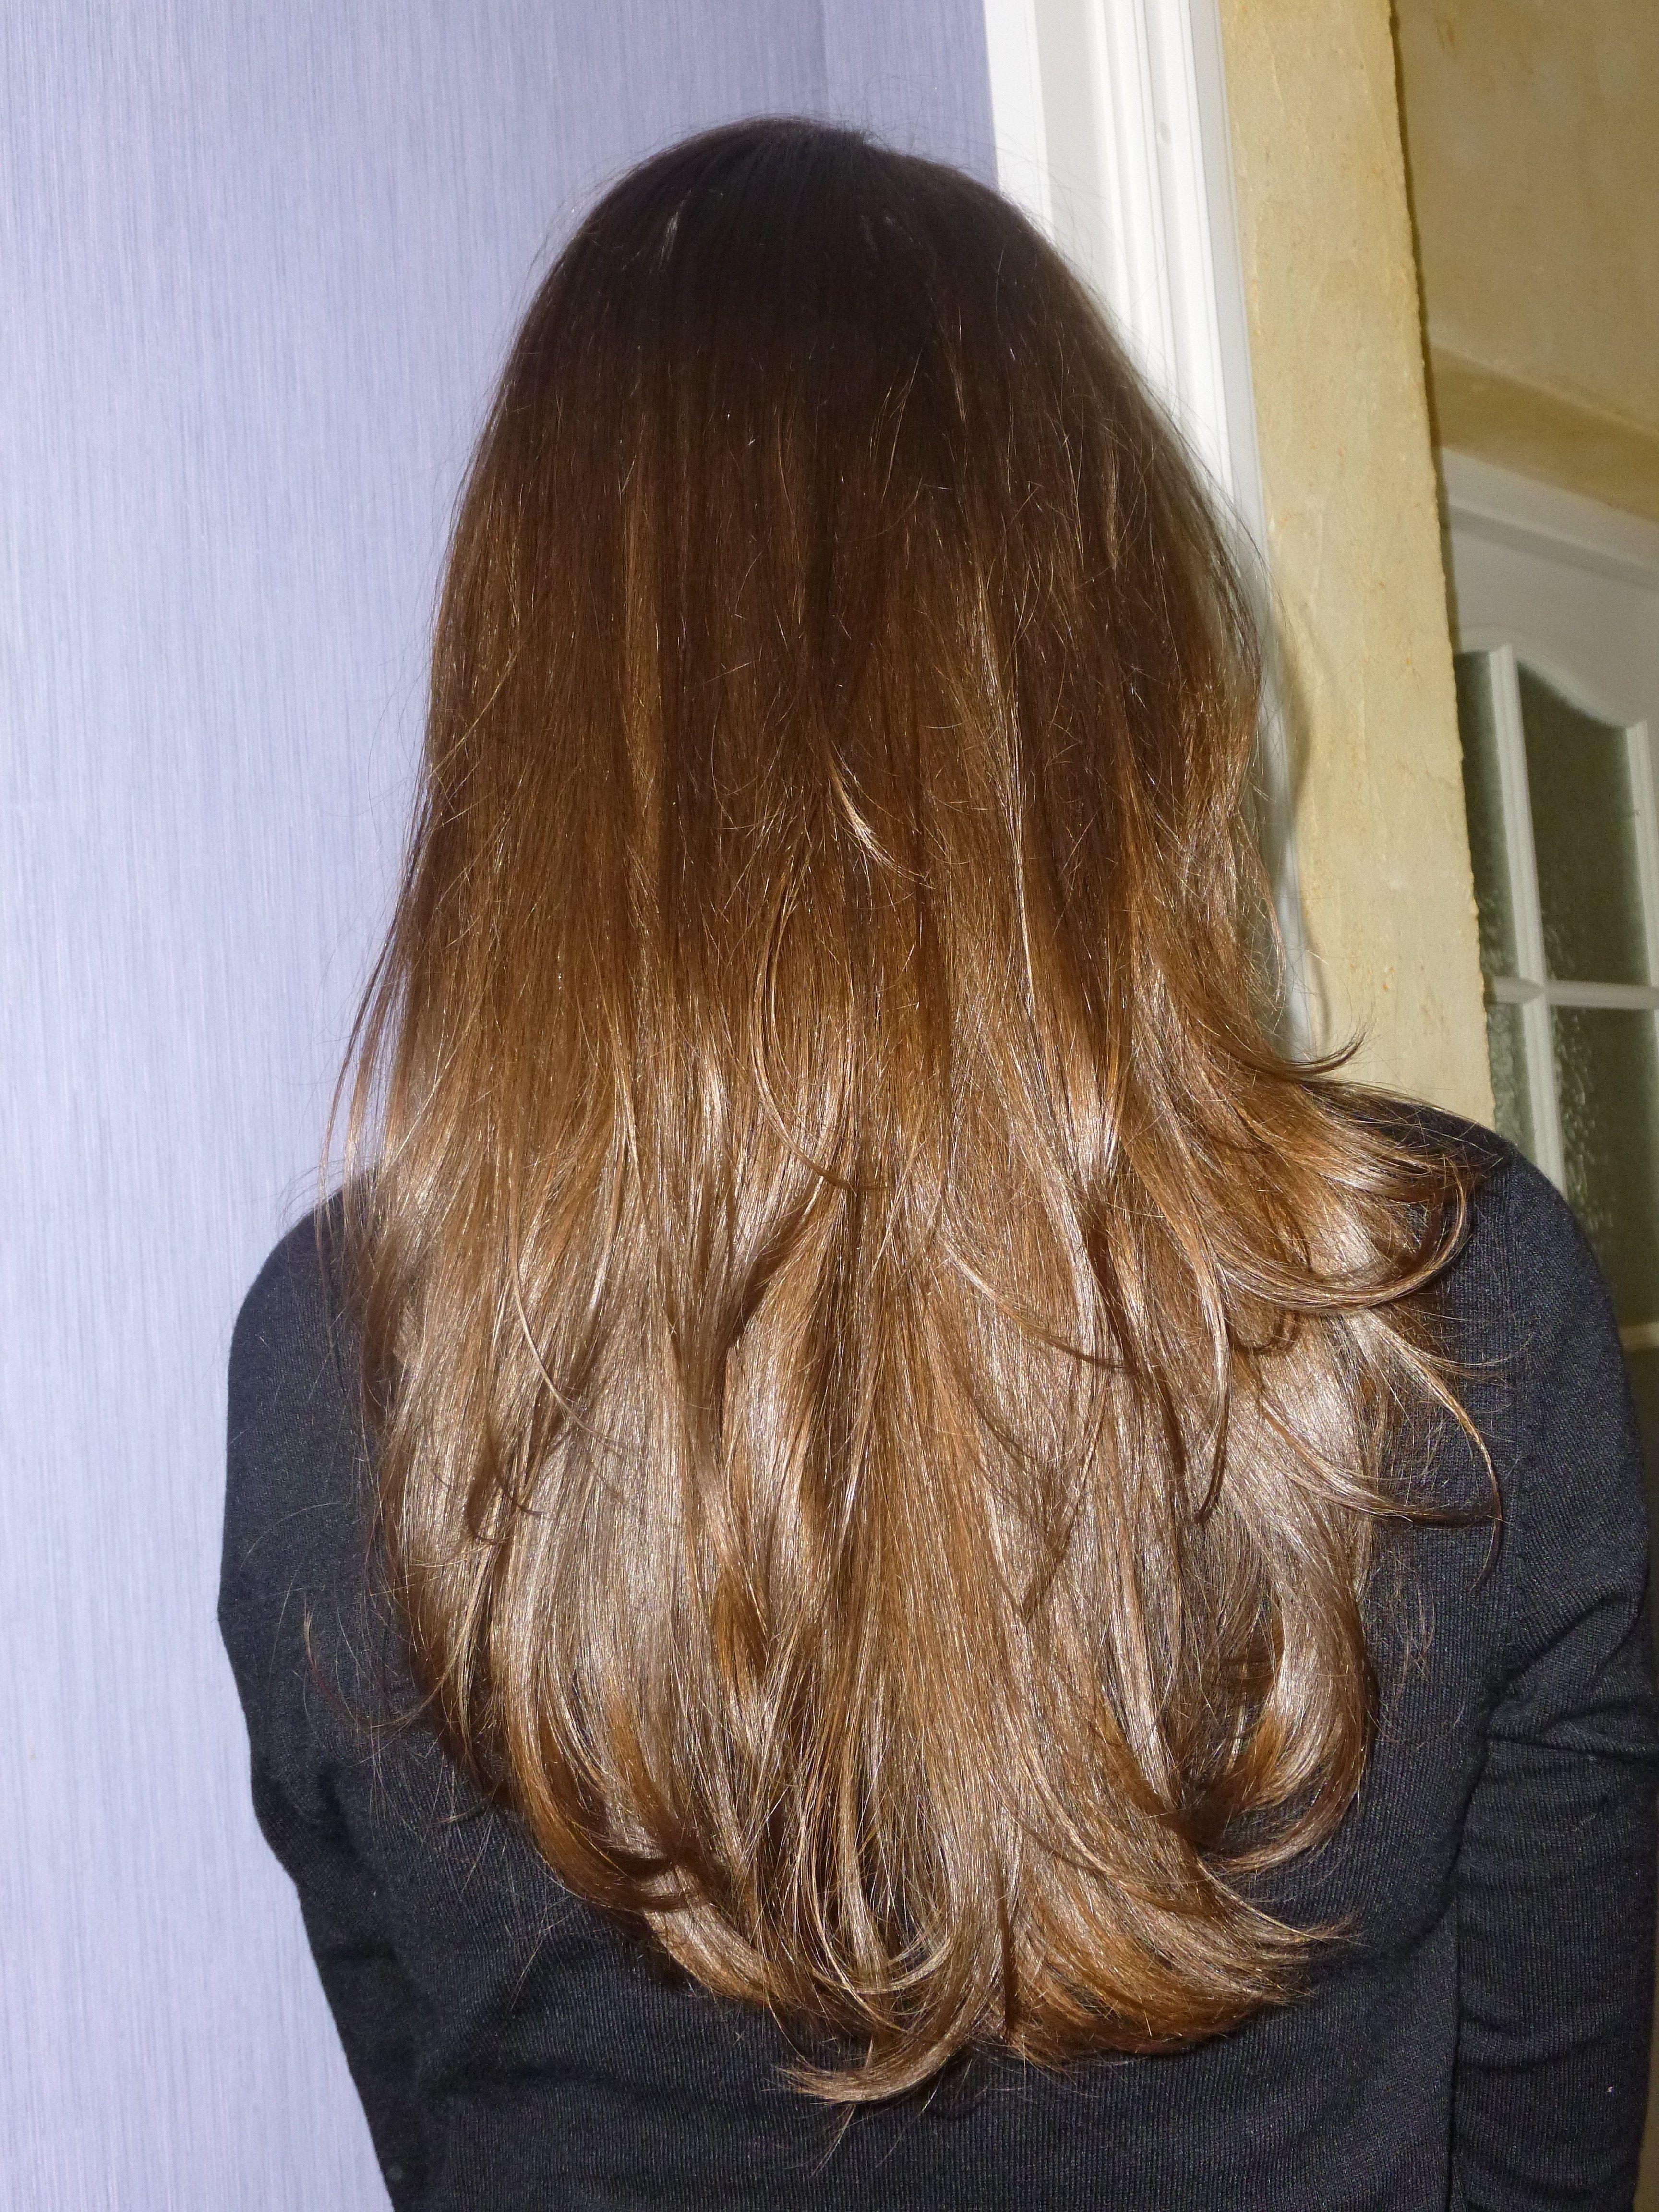 cheveux long dégradé dos coupe cheveux long Pinterest